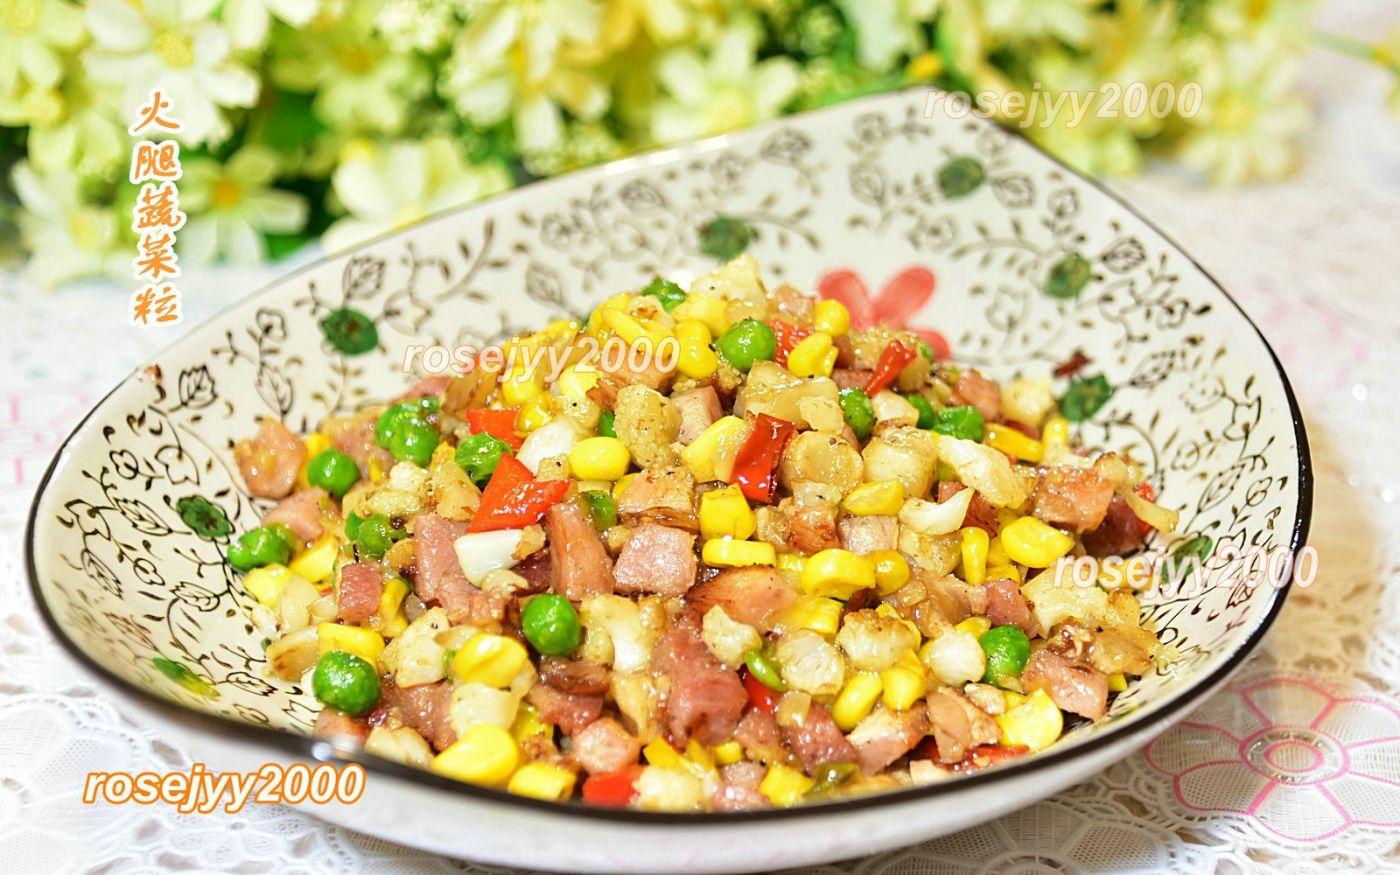 火腿蔬菜粒_图1-4